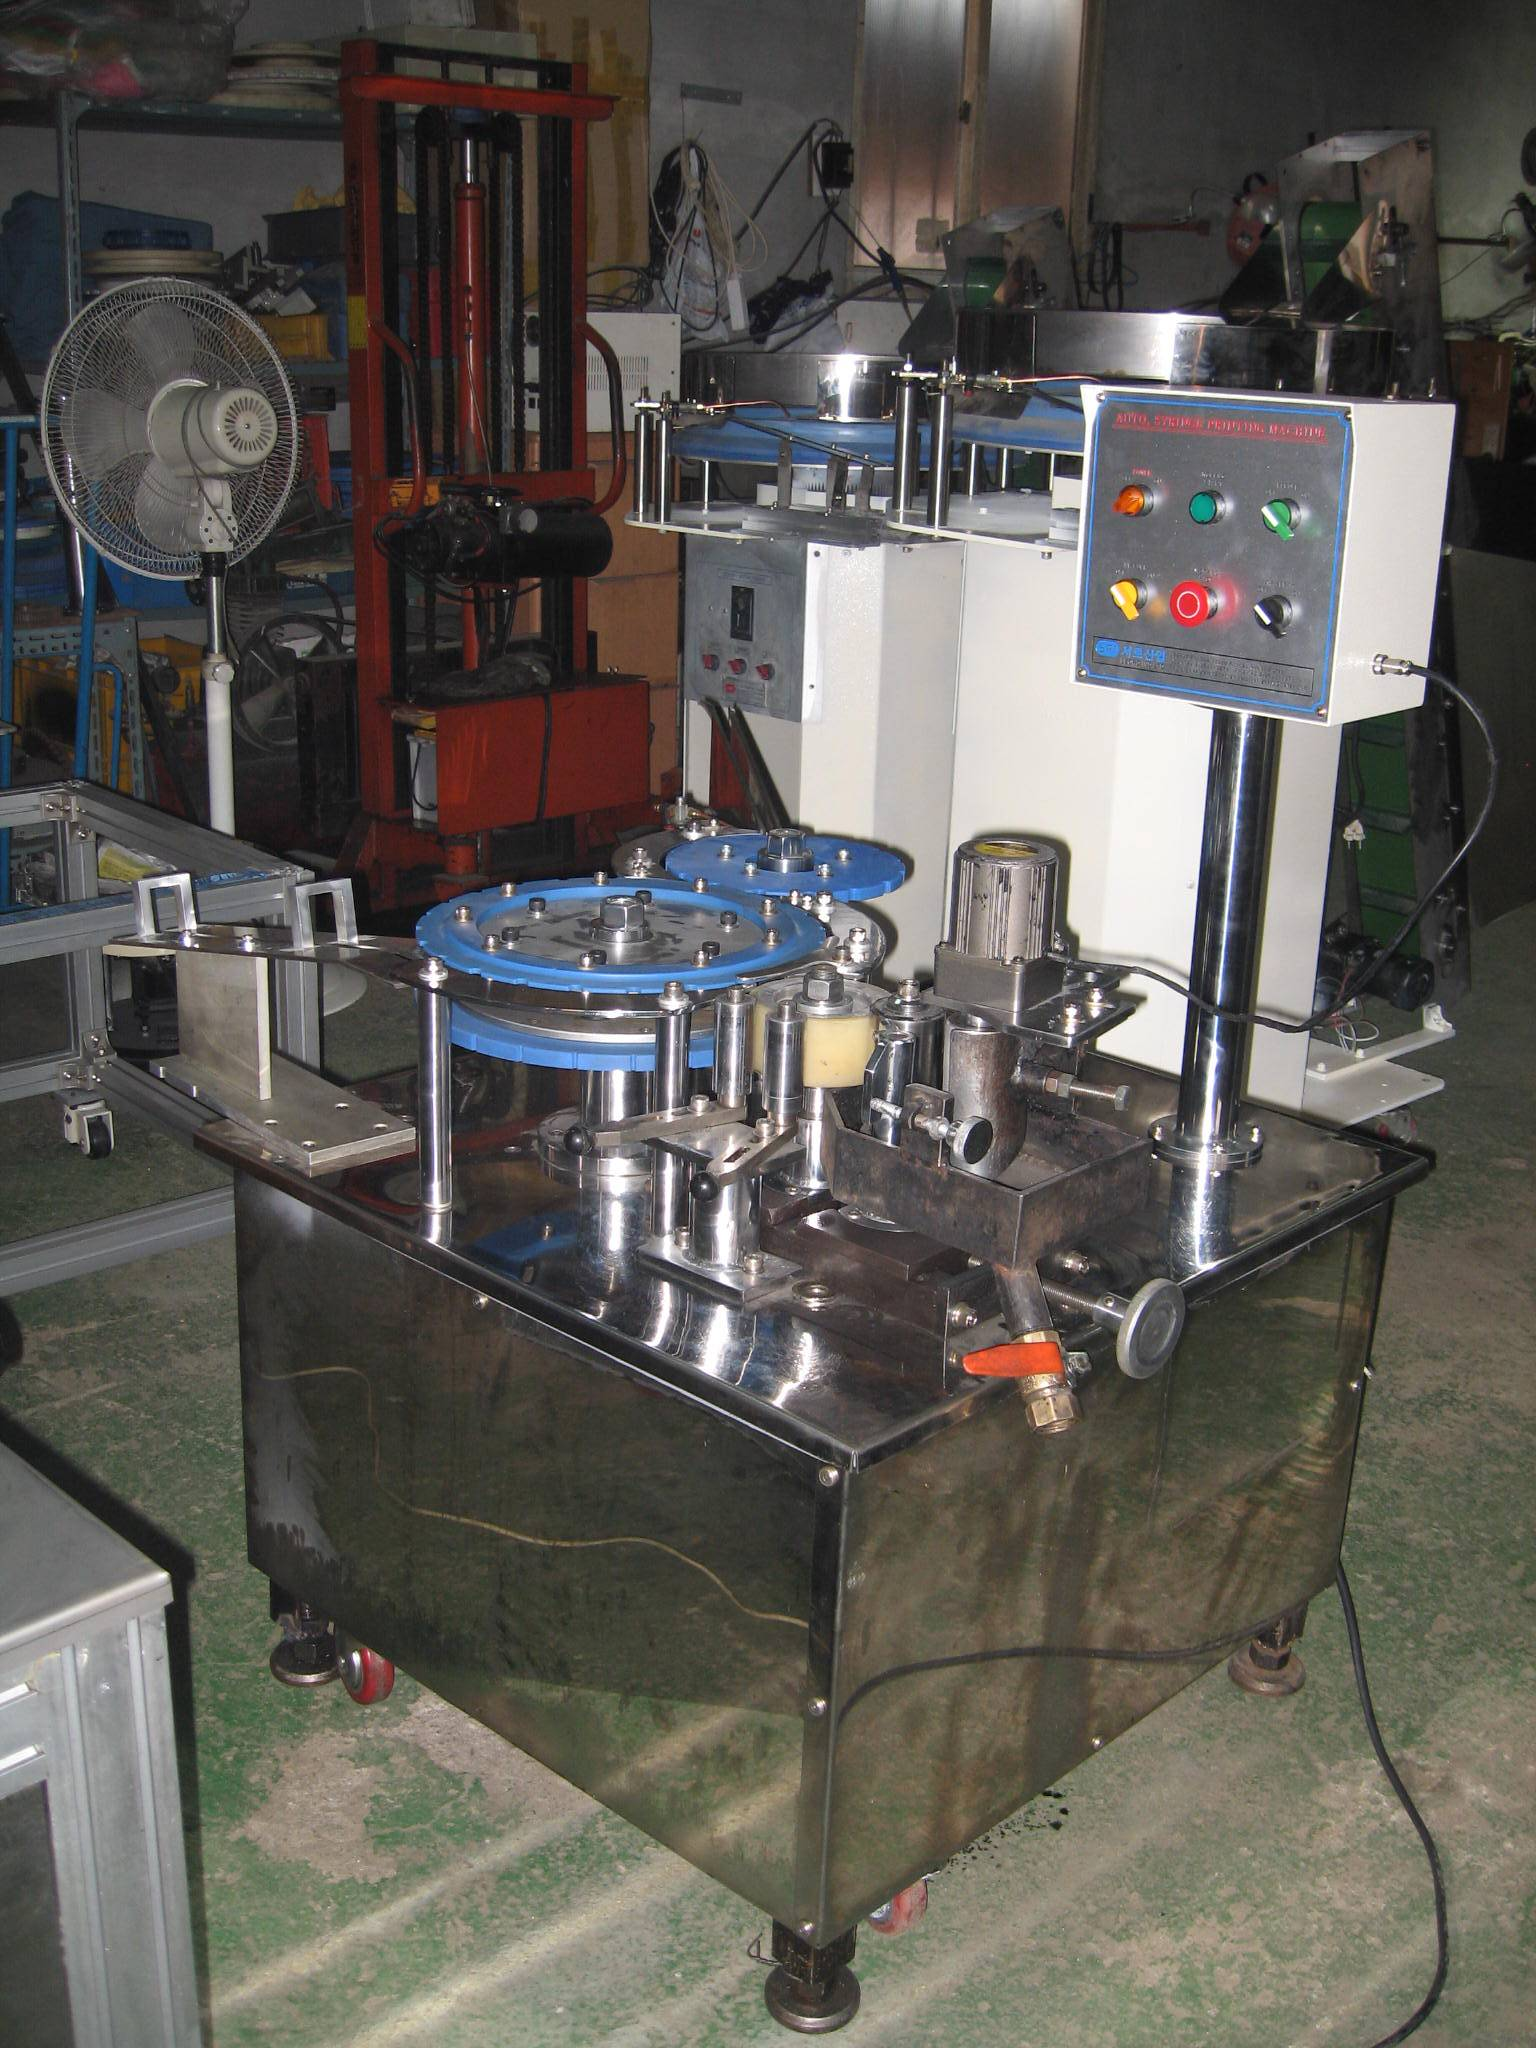 Syringe printing machine